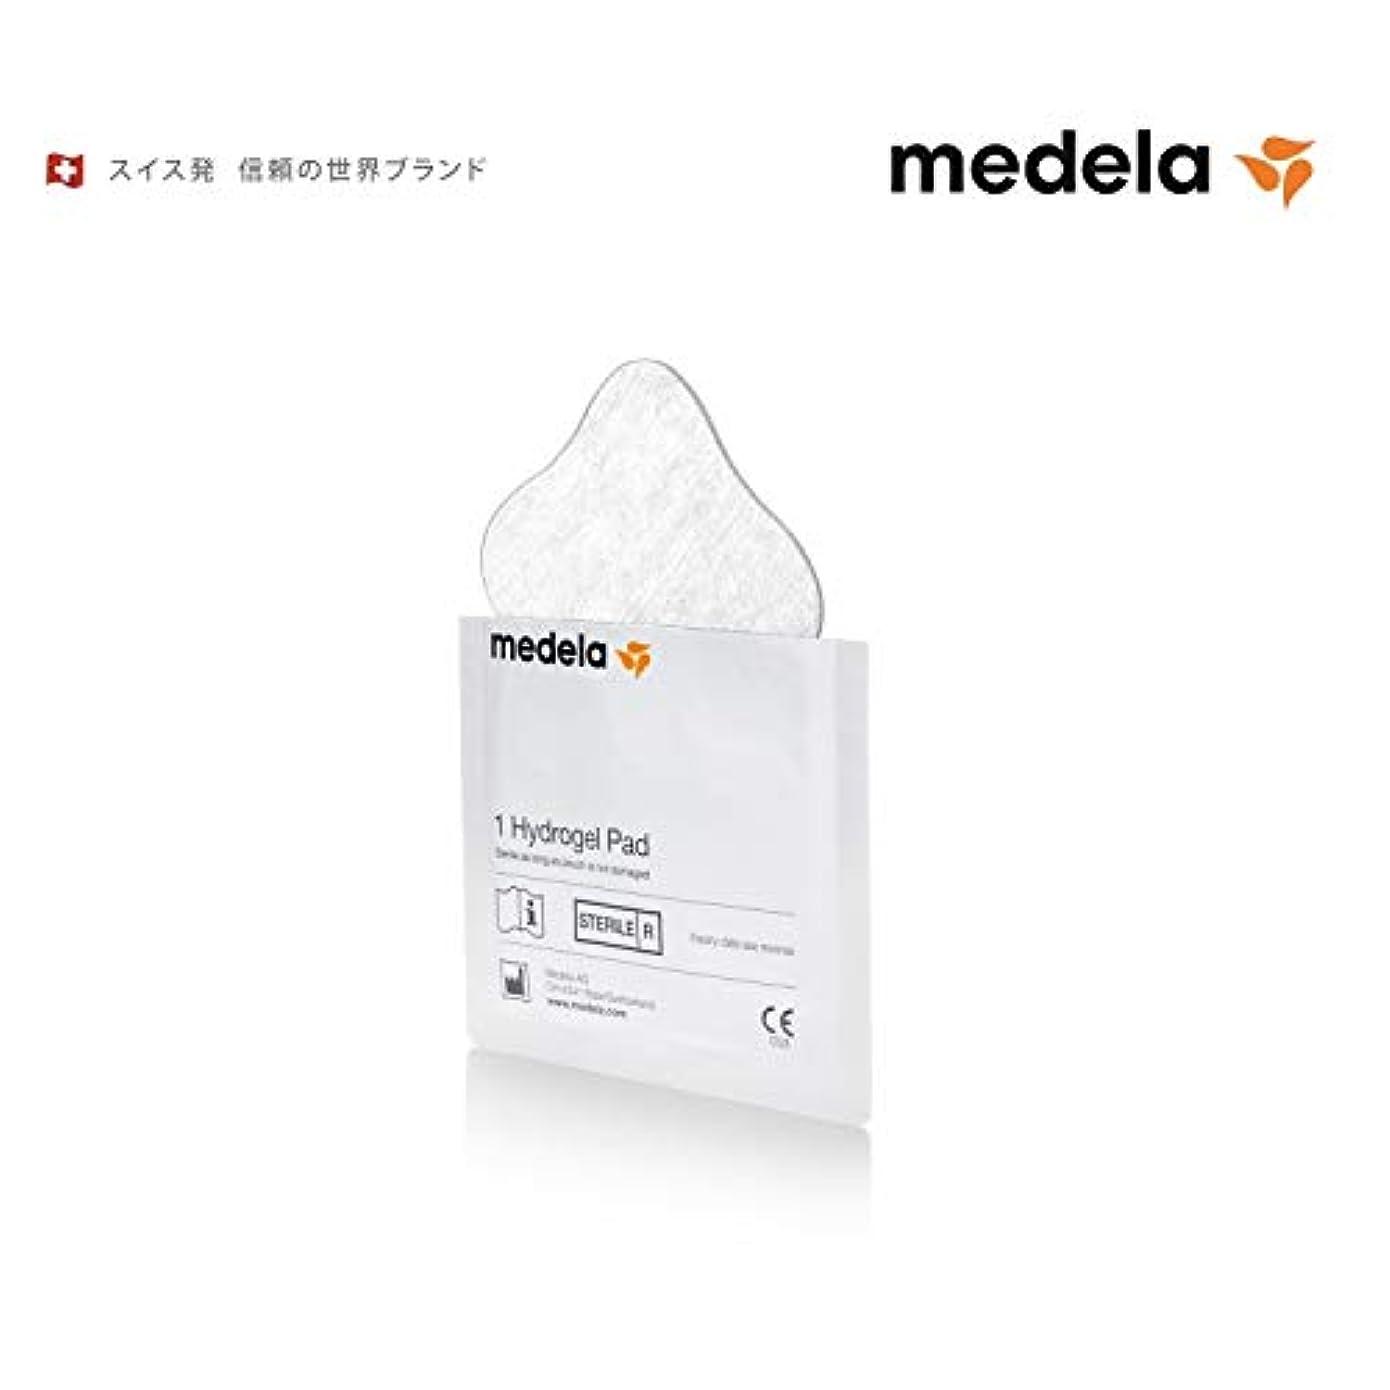 体操降臨聖域Medela メデラ ハイドロジェルパッド 4枚入り 乳頭の痛みの緩和に (008.0164)